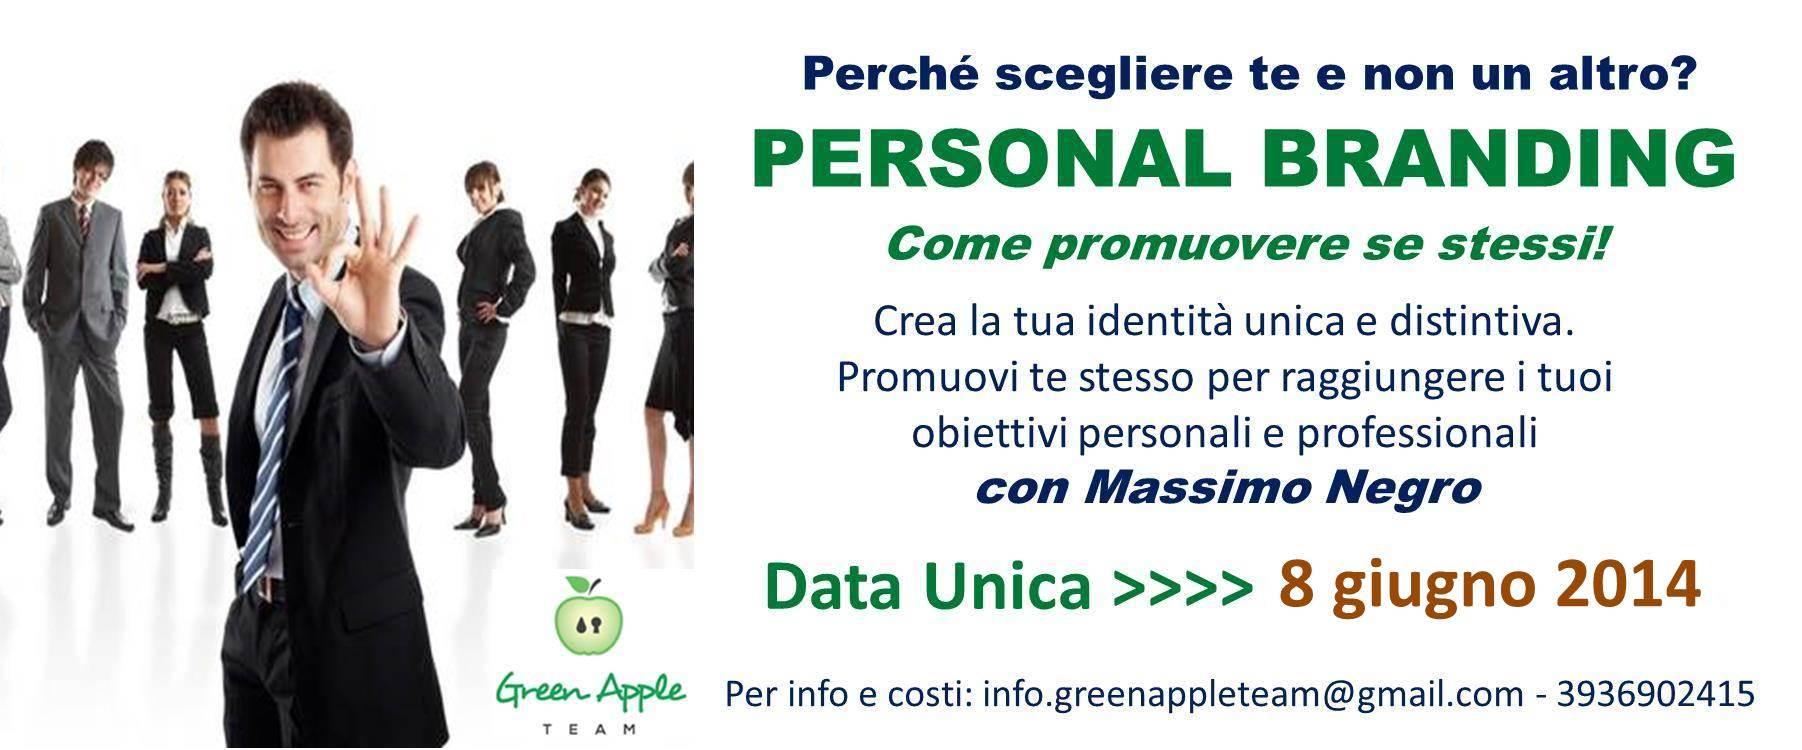 Personal Branding Massimo Negro